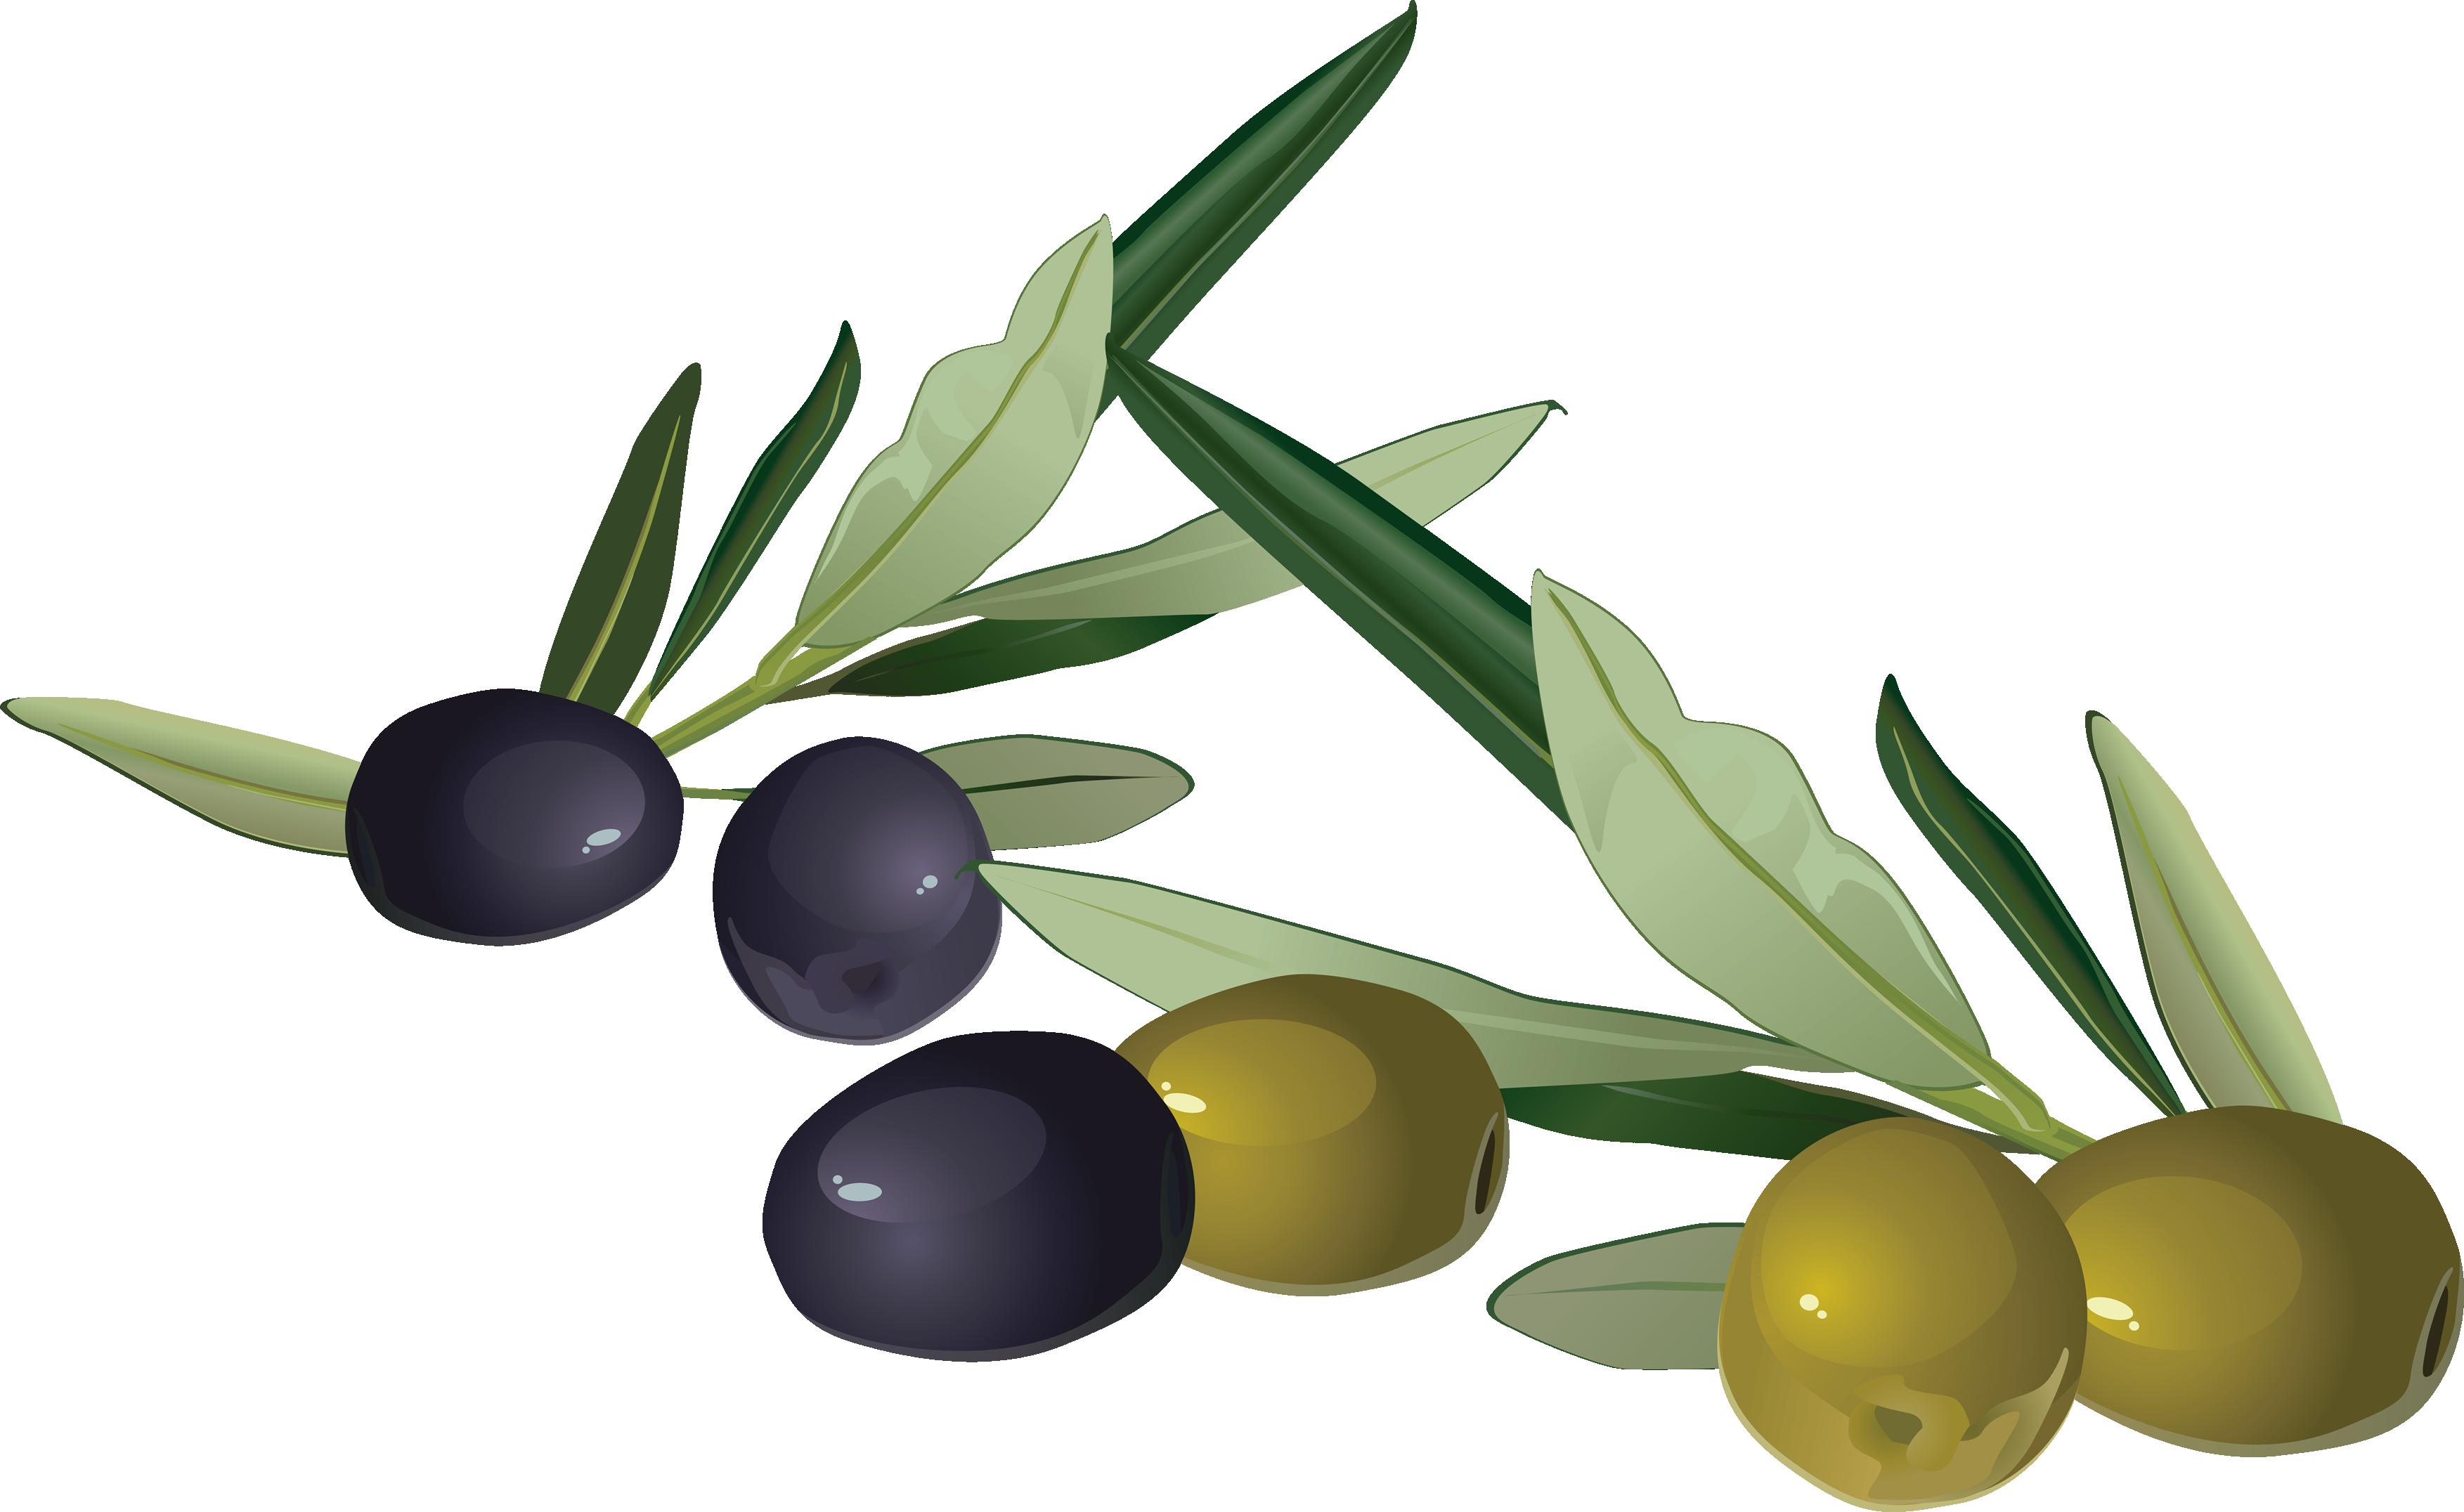 Olives images free olive clip art 3.